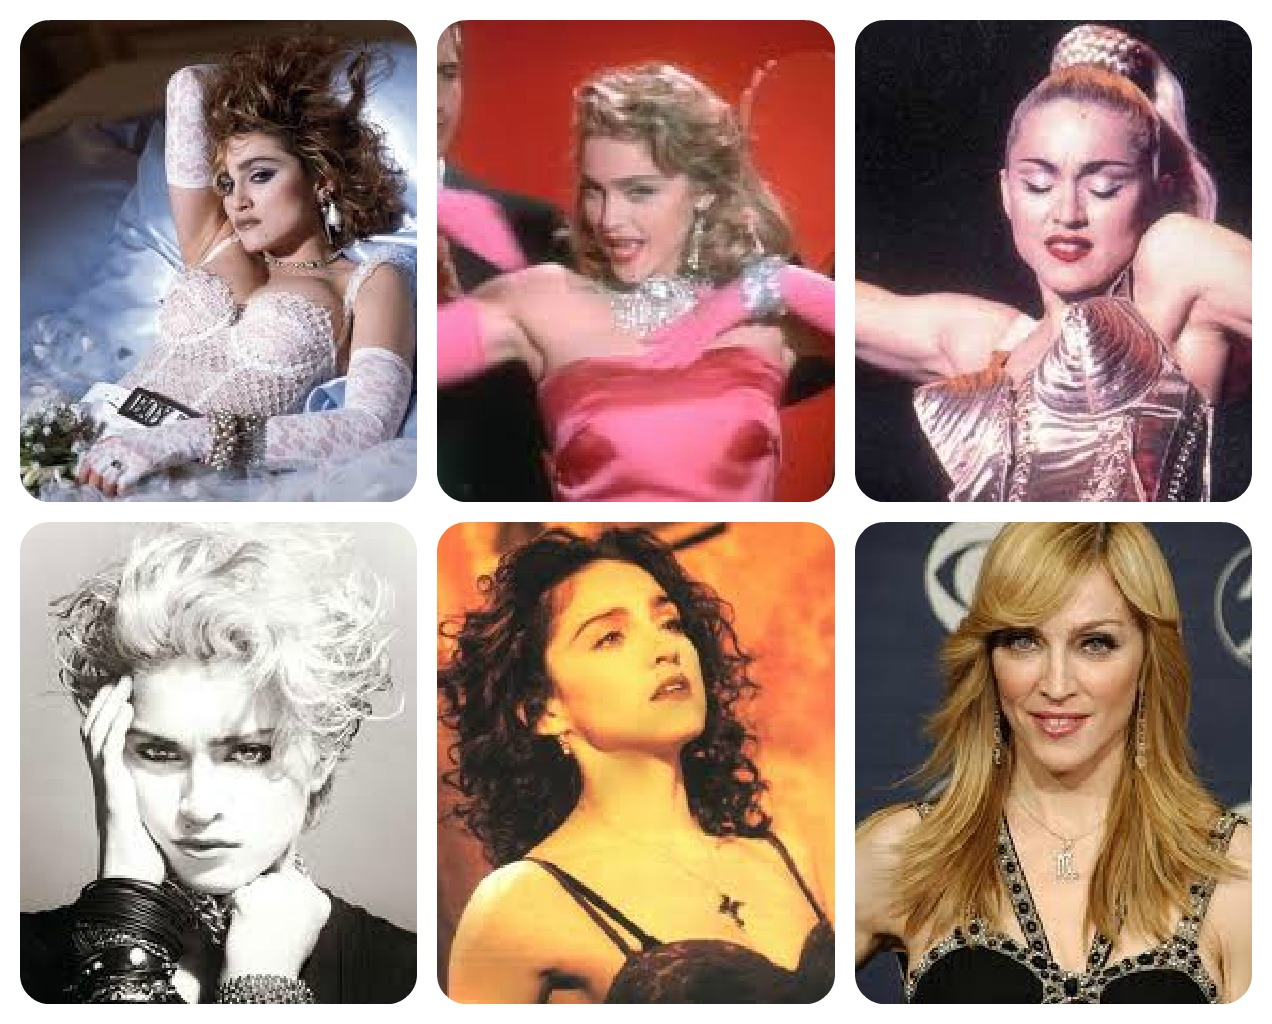 http://1.bp.blogspot.com/-sSx_ghvB7Q4/T_DAF3EbrhI/AAAAAAAABd0/1chRuiKJULs/s1600/Madonna.jpg